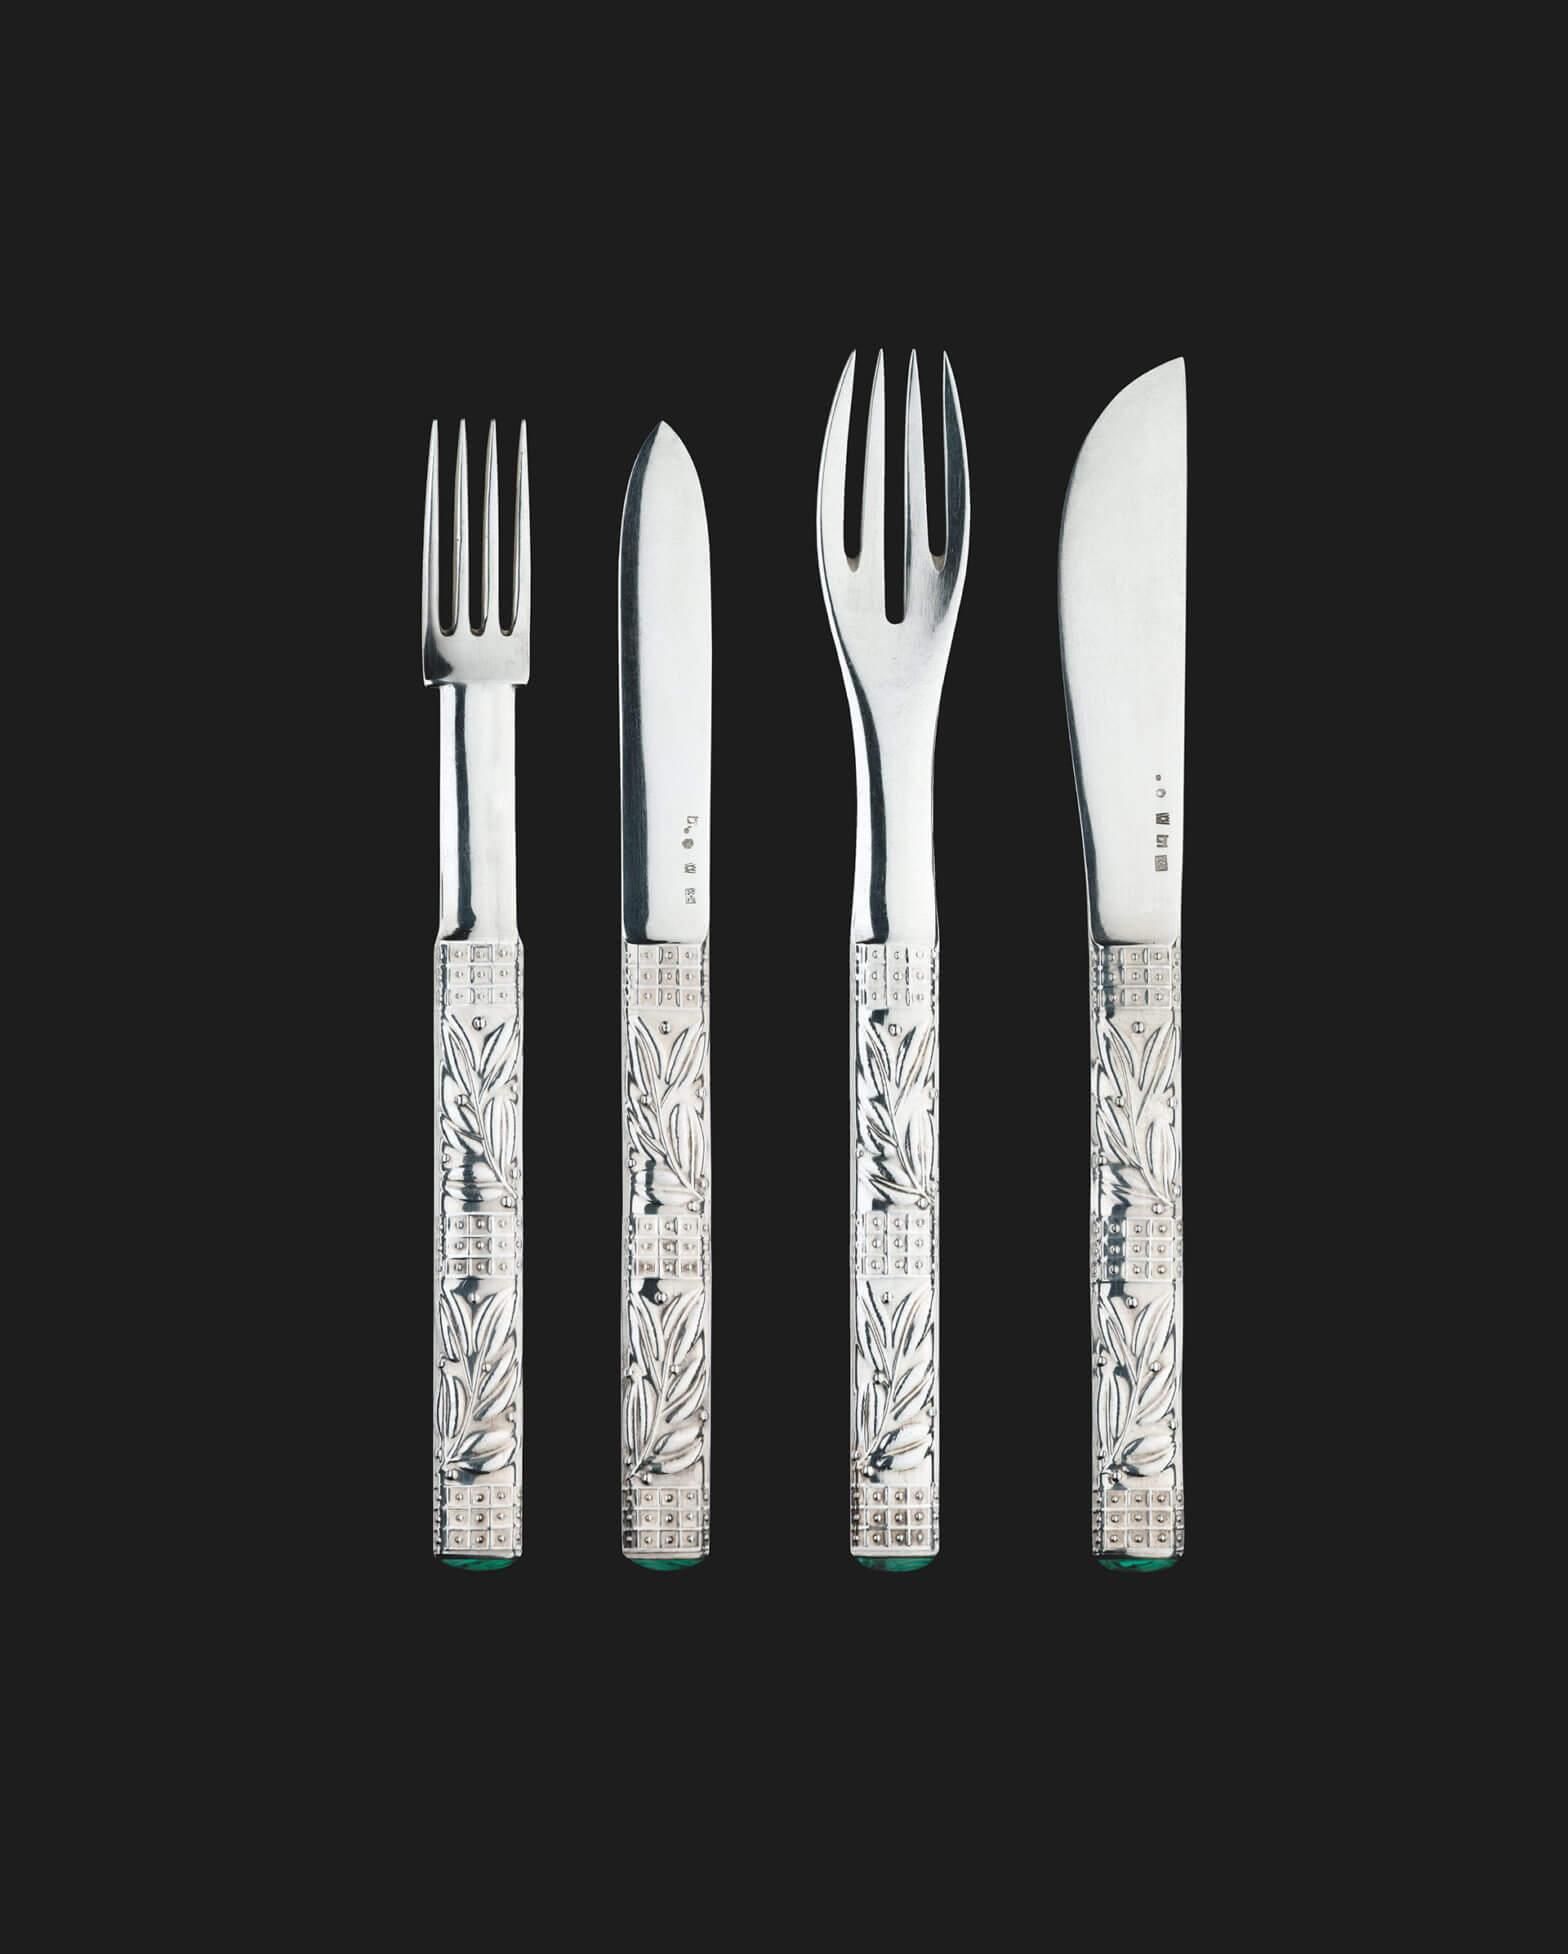 Josef Hoffmann - Set of cutlery